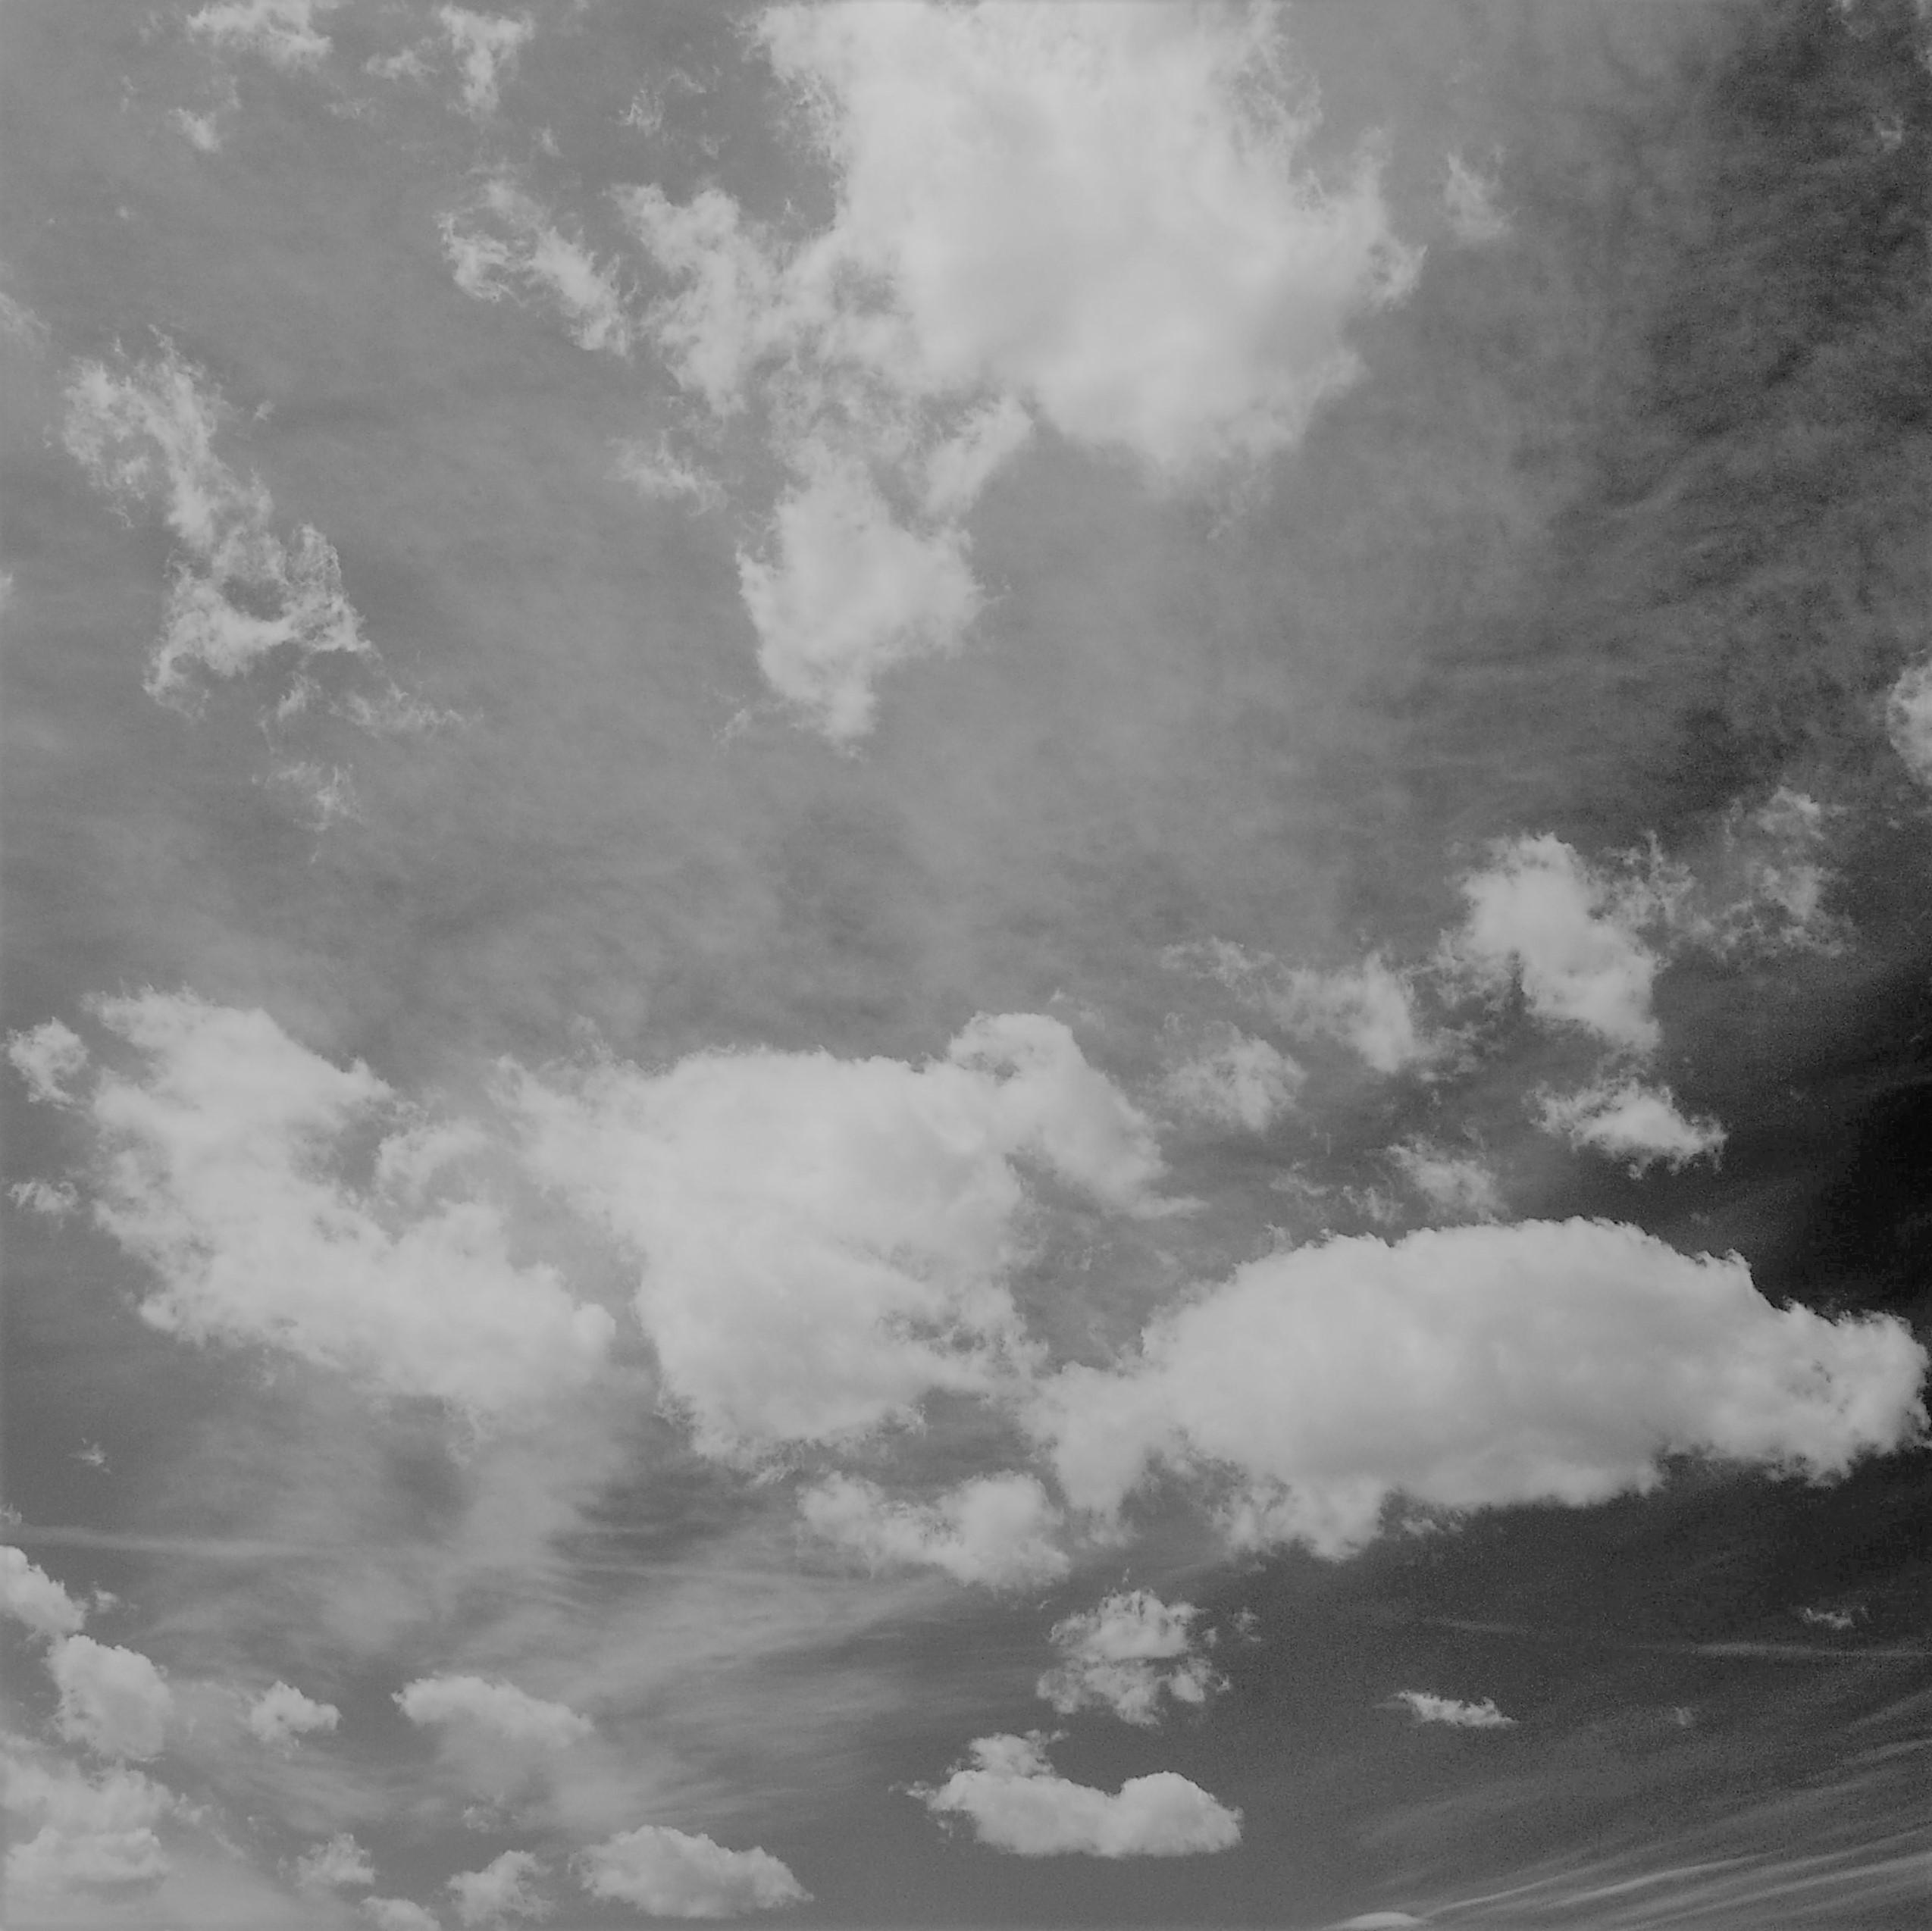 Wolken am Himmel ls Sinnbild für einen Motivationsspruch